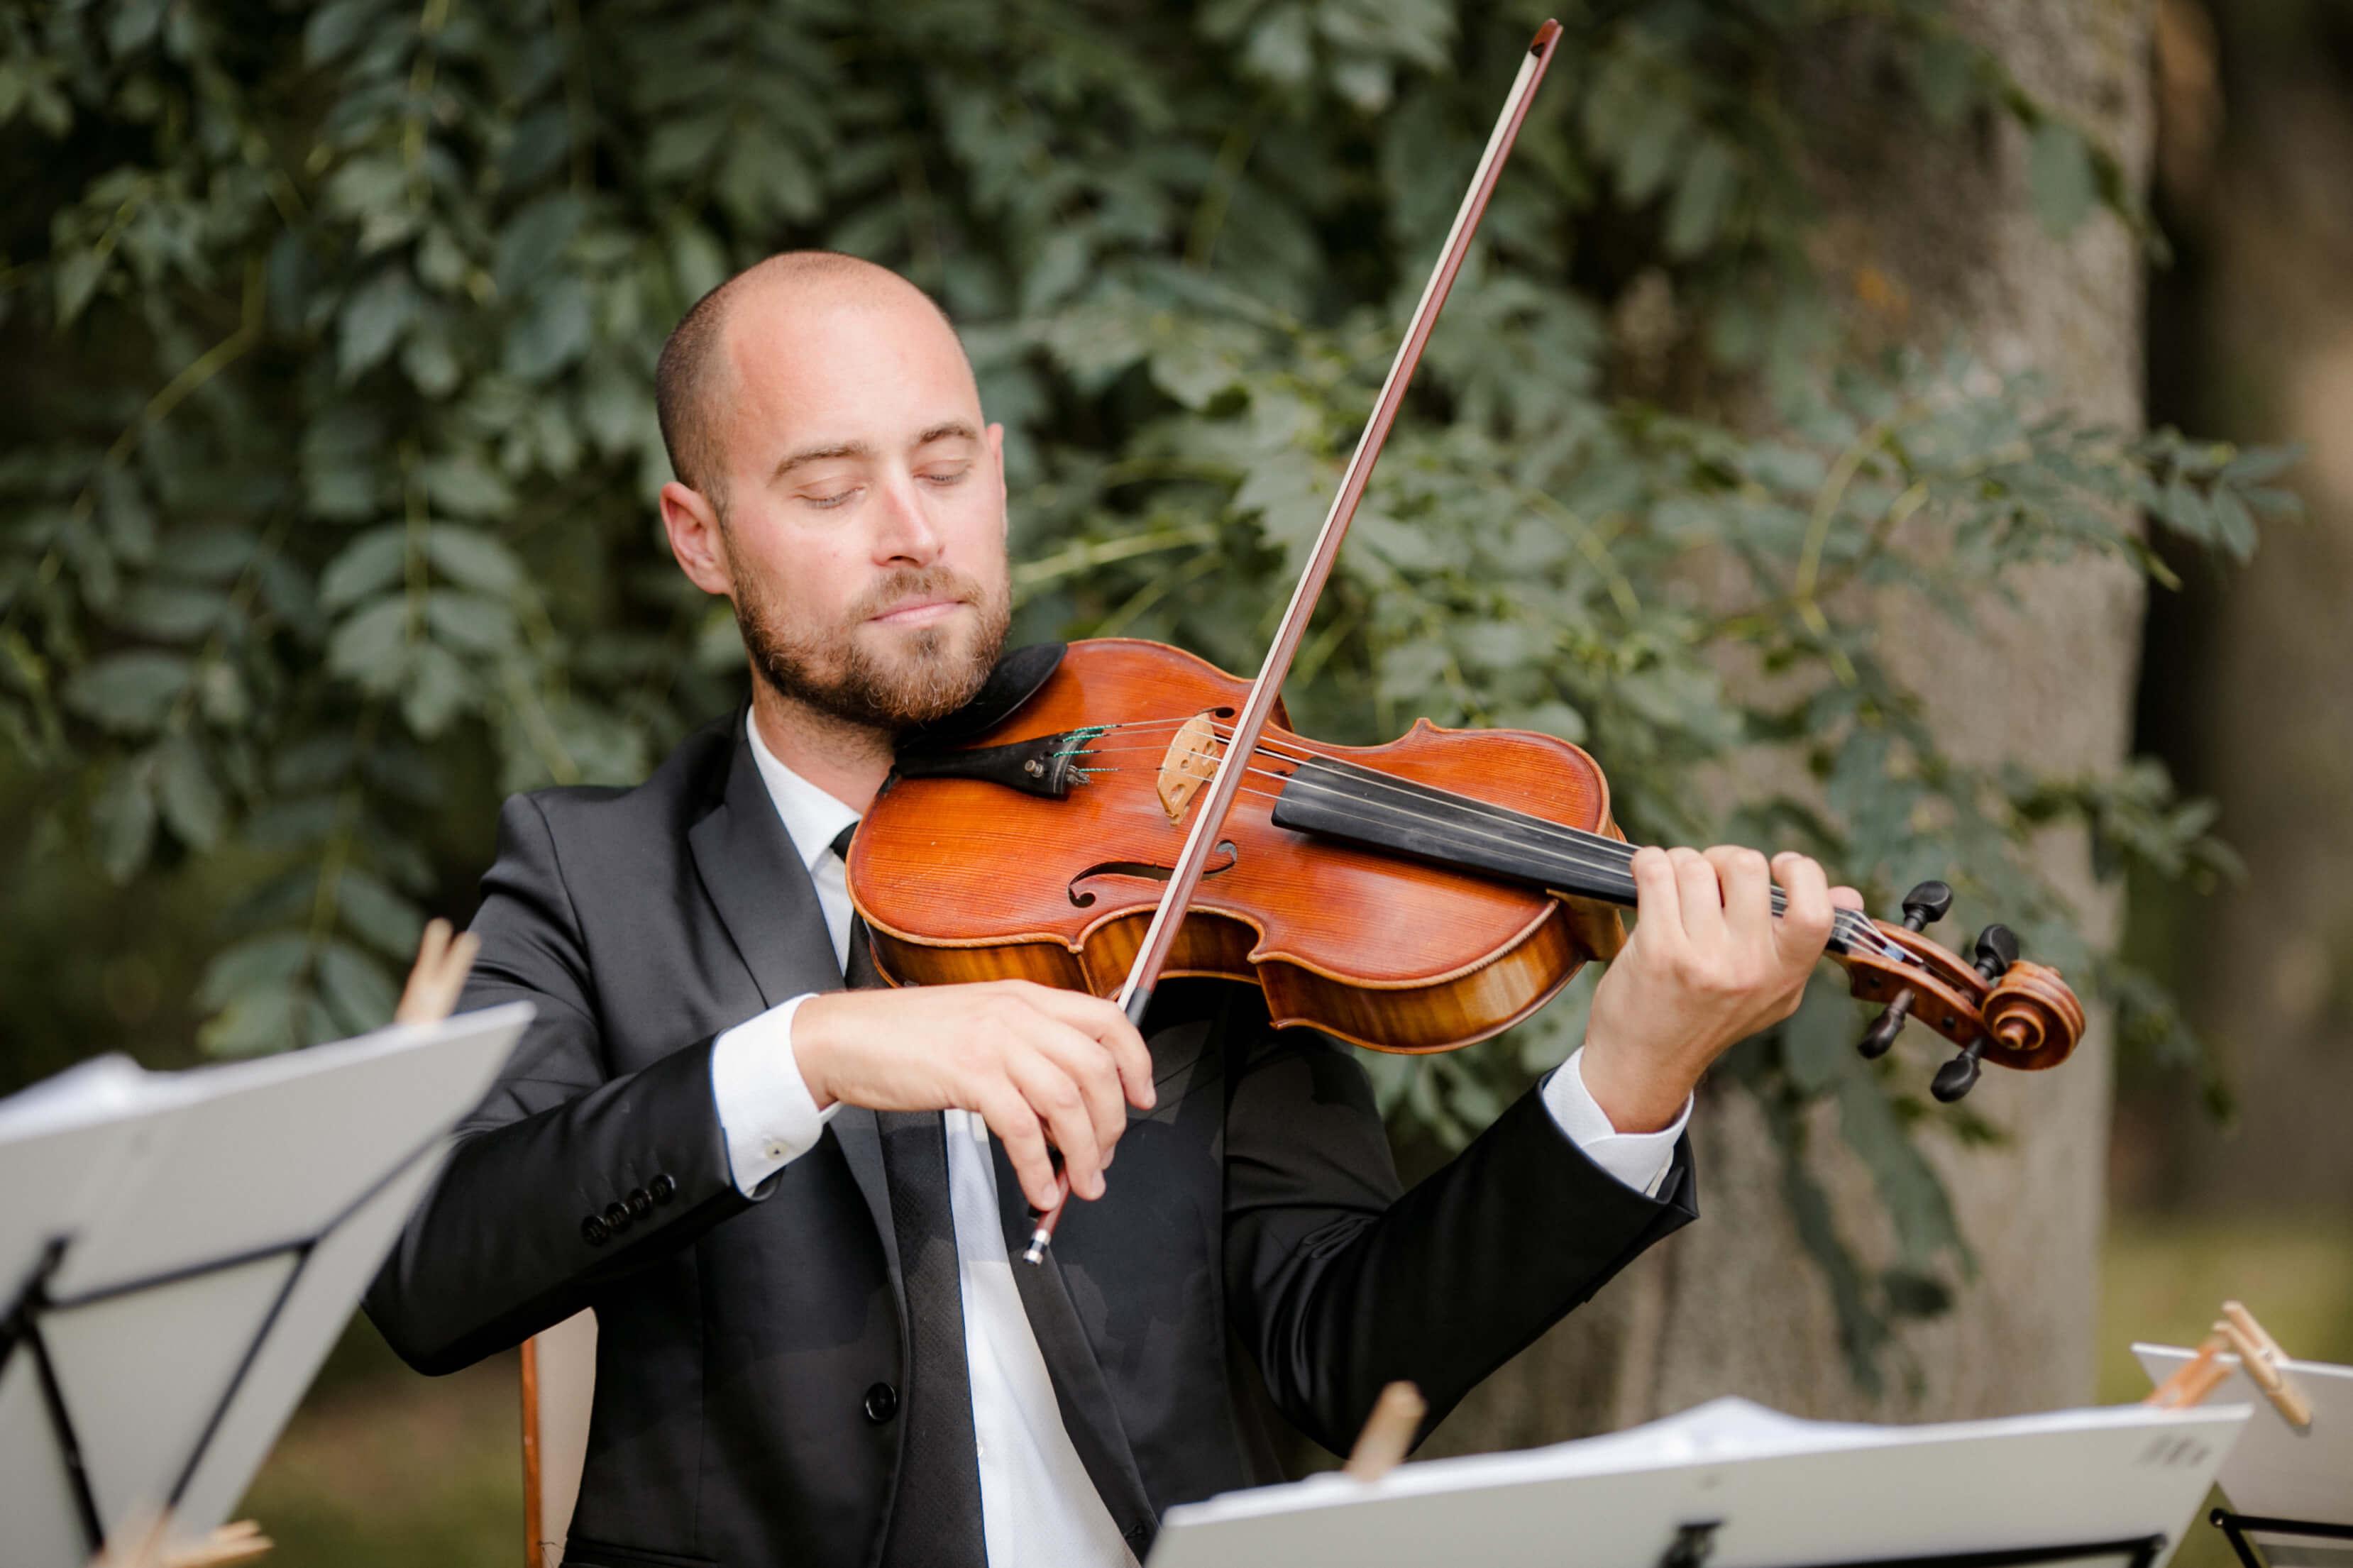 svadobny huslista